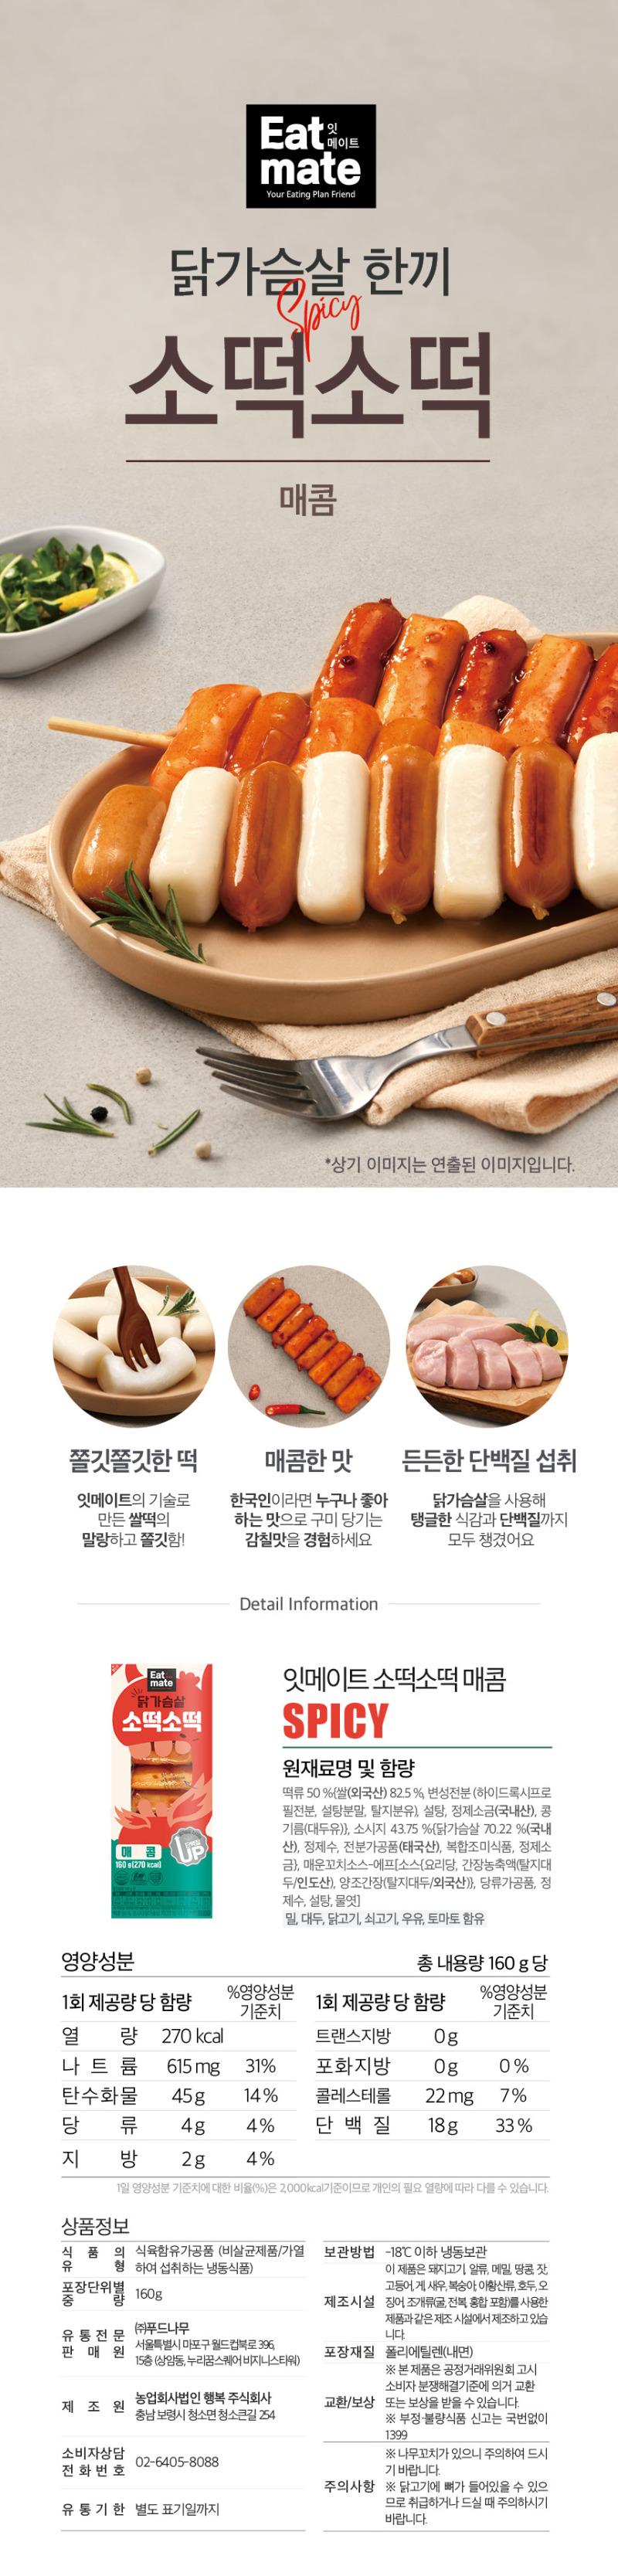 닭가슴살 소떡소떡 매콤